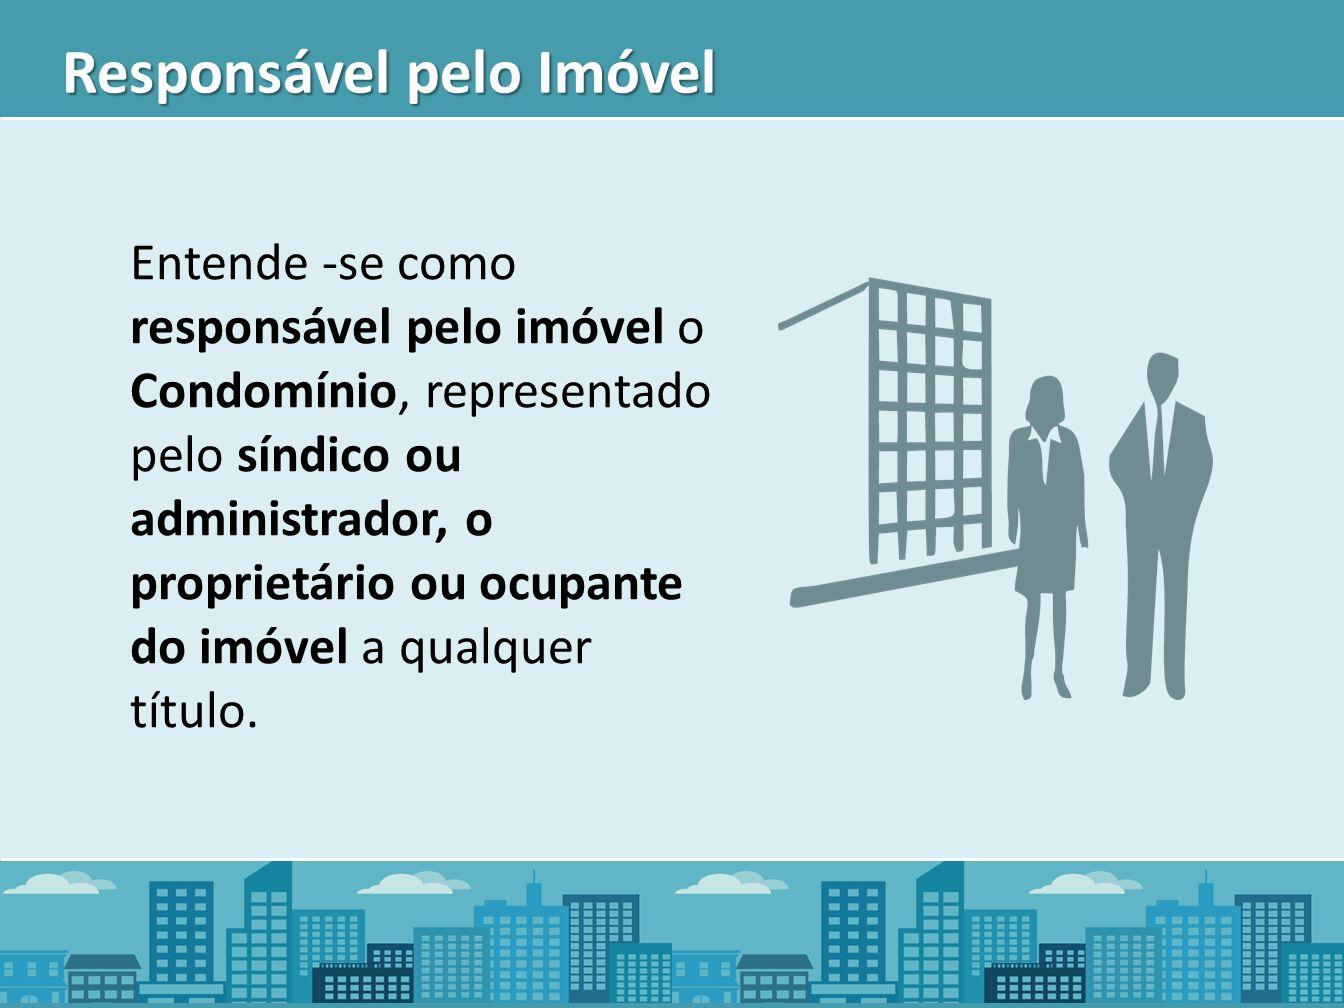 Responsável pelo Imóvel Entende -se como responsável pelo imóvel o Condomínio, representado pelo síndico ou administrador, o proprietário ou ocupante